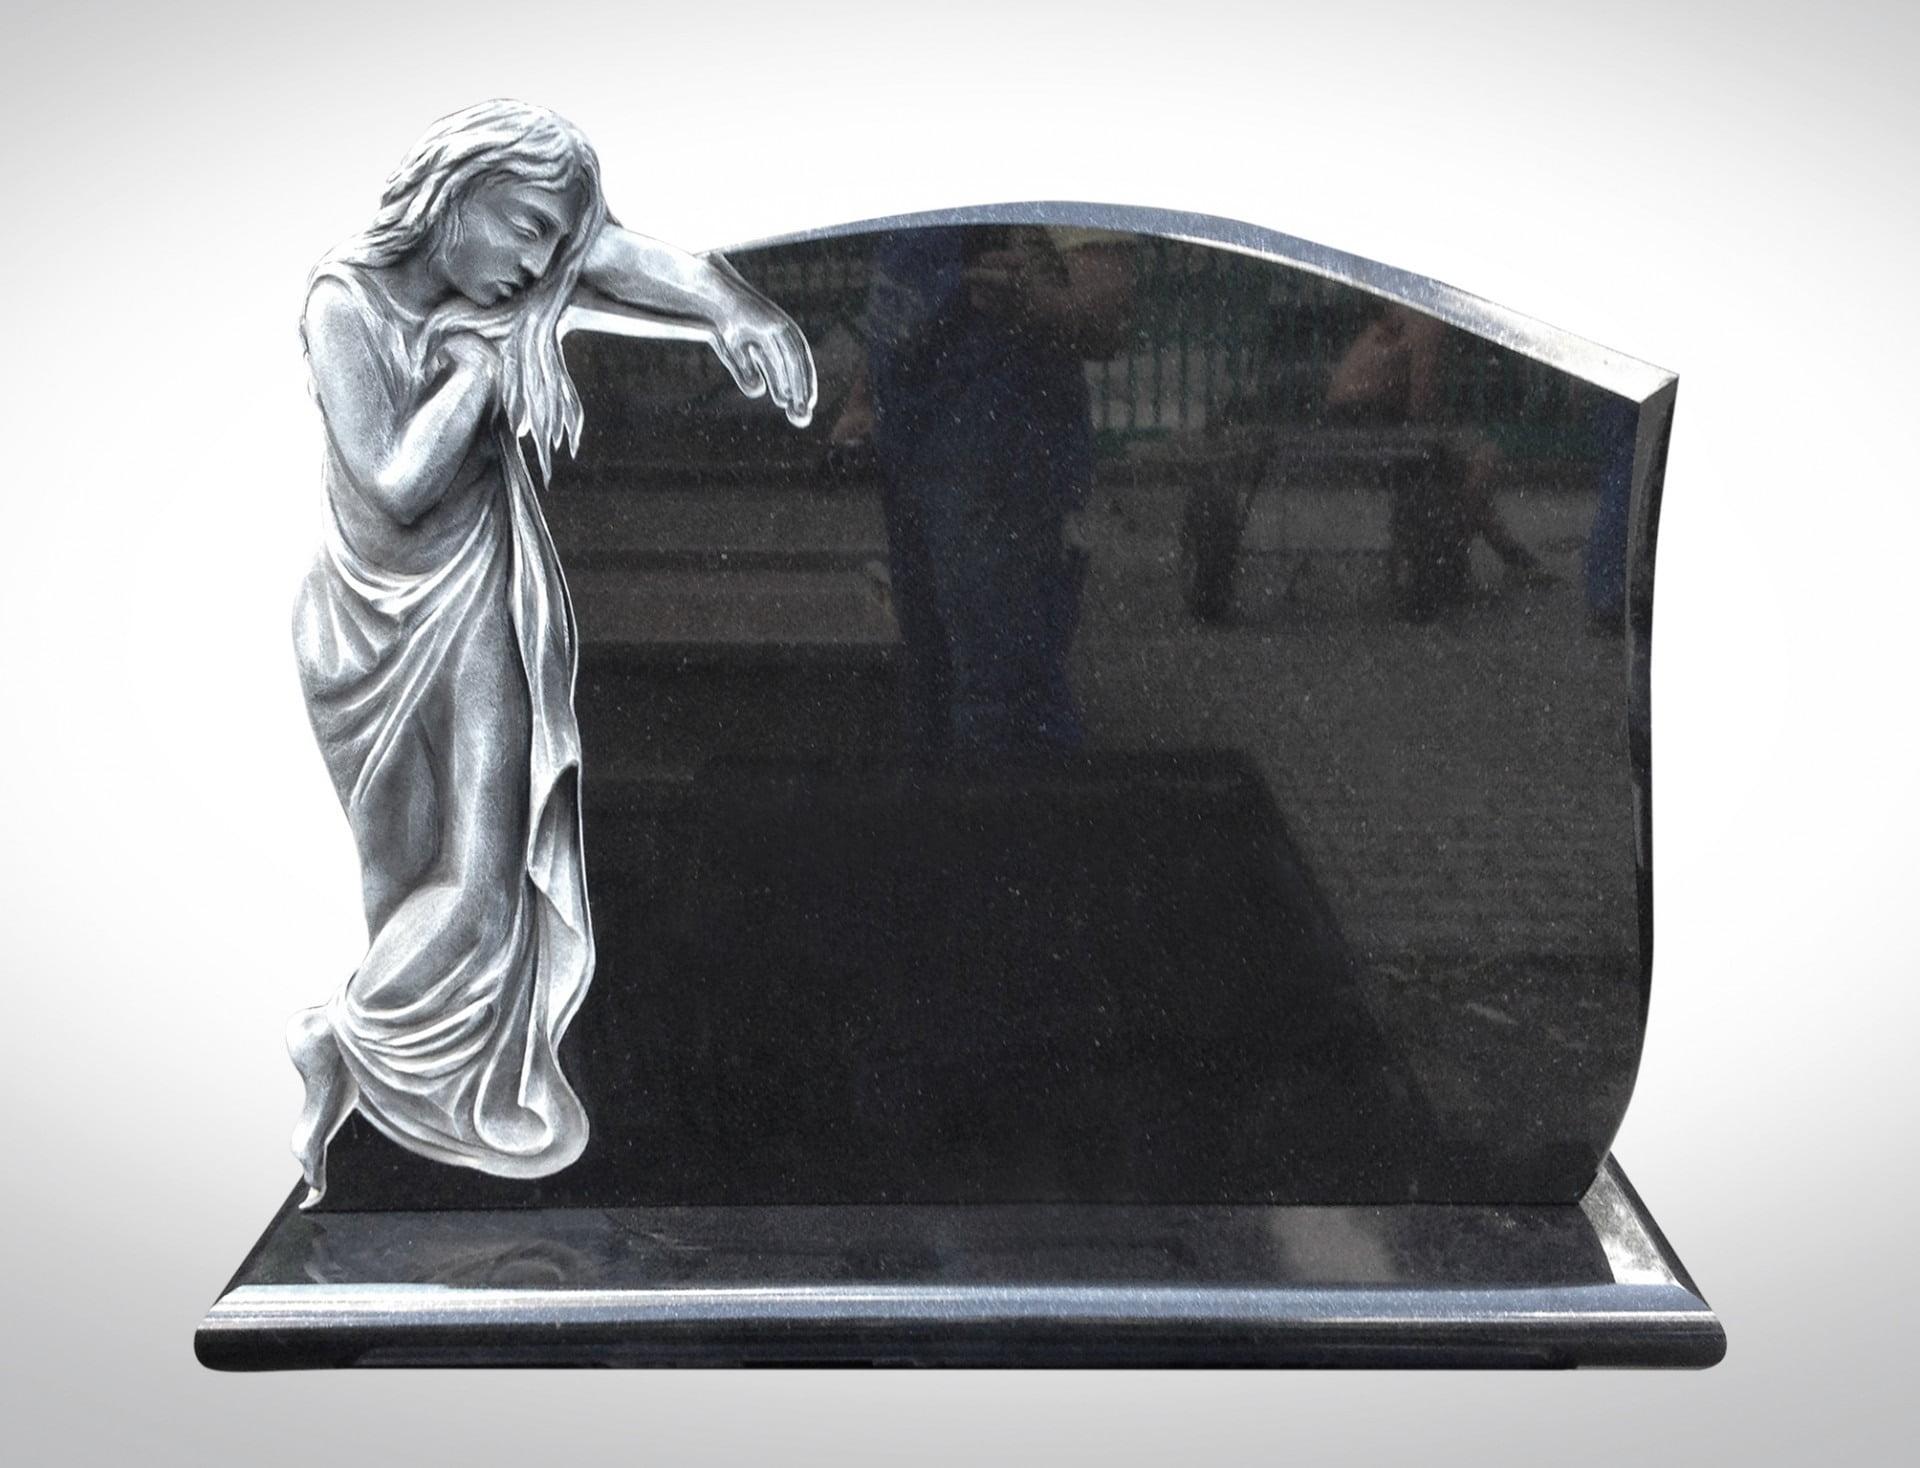 Srebrna figura - Nagrobki Bielsko-Biała